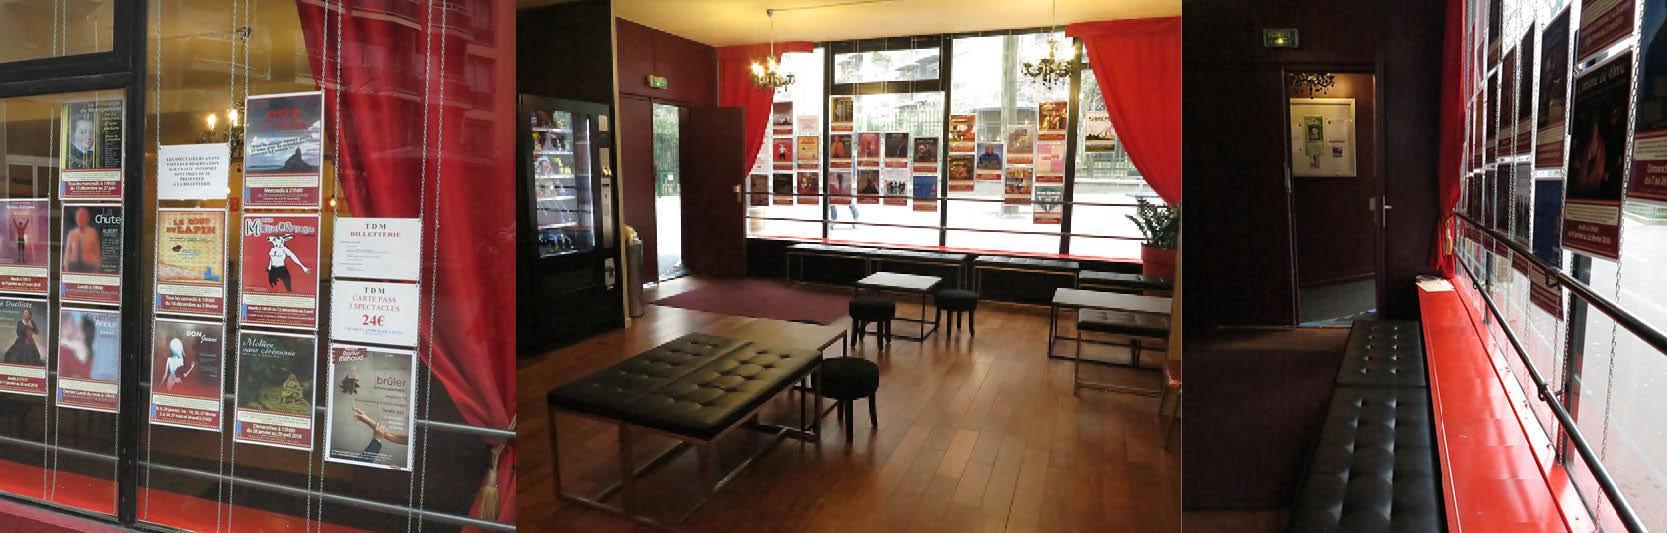 Théâtre Darius Milhaud - Zone 3